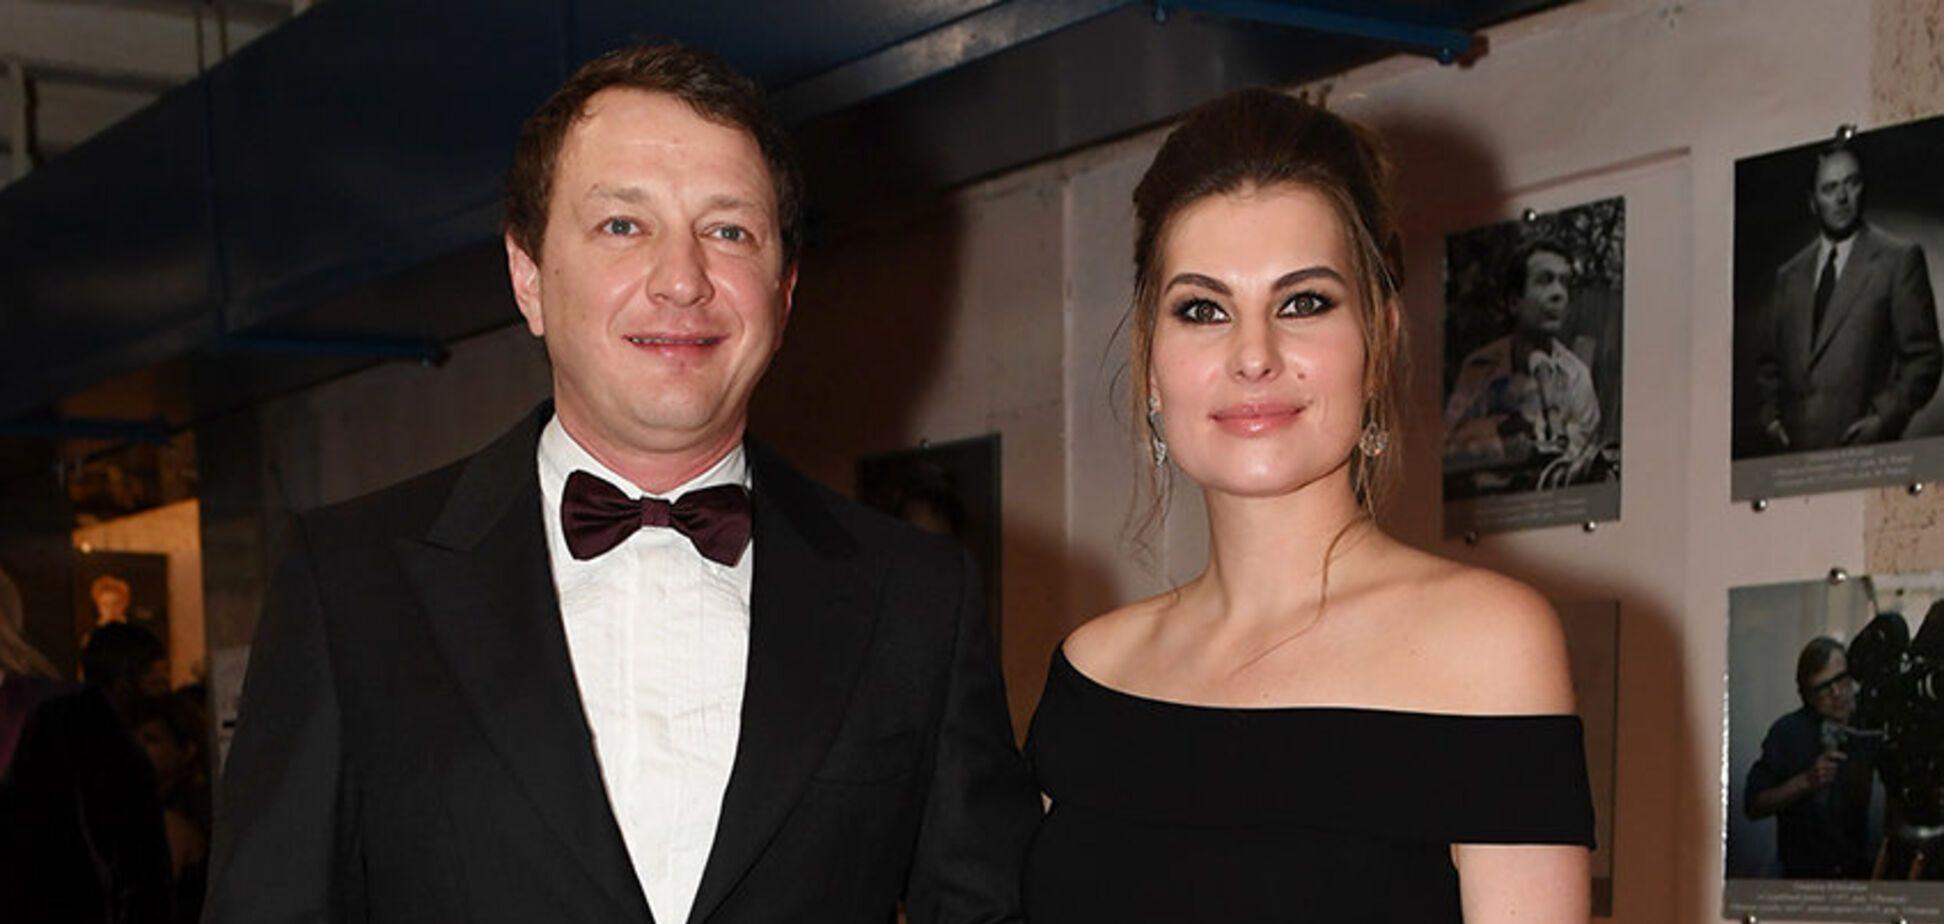 'Начал душить': стало известно о жестоком обращении Башарова с беременной женой